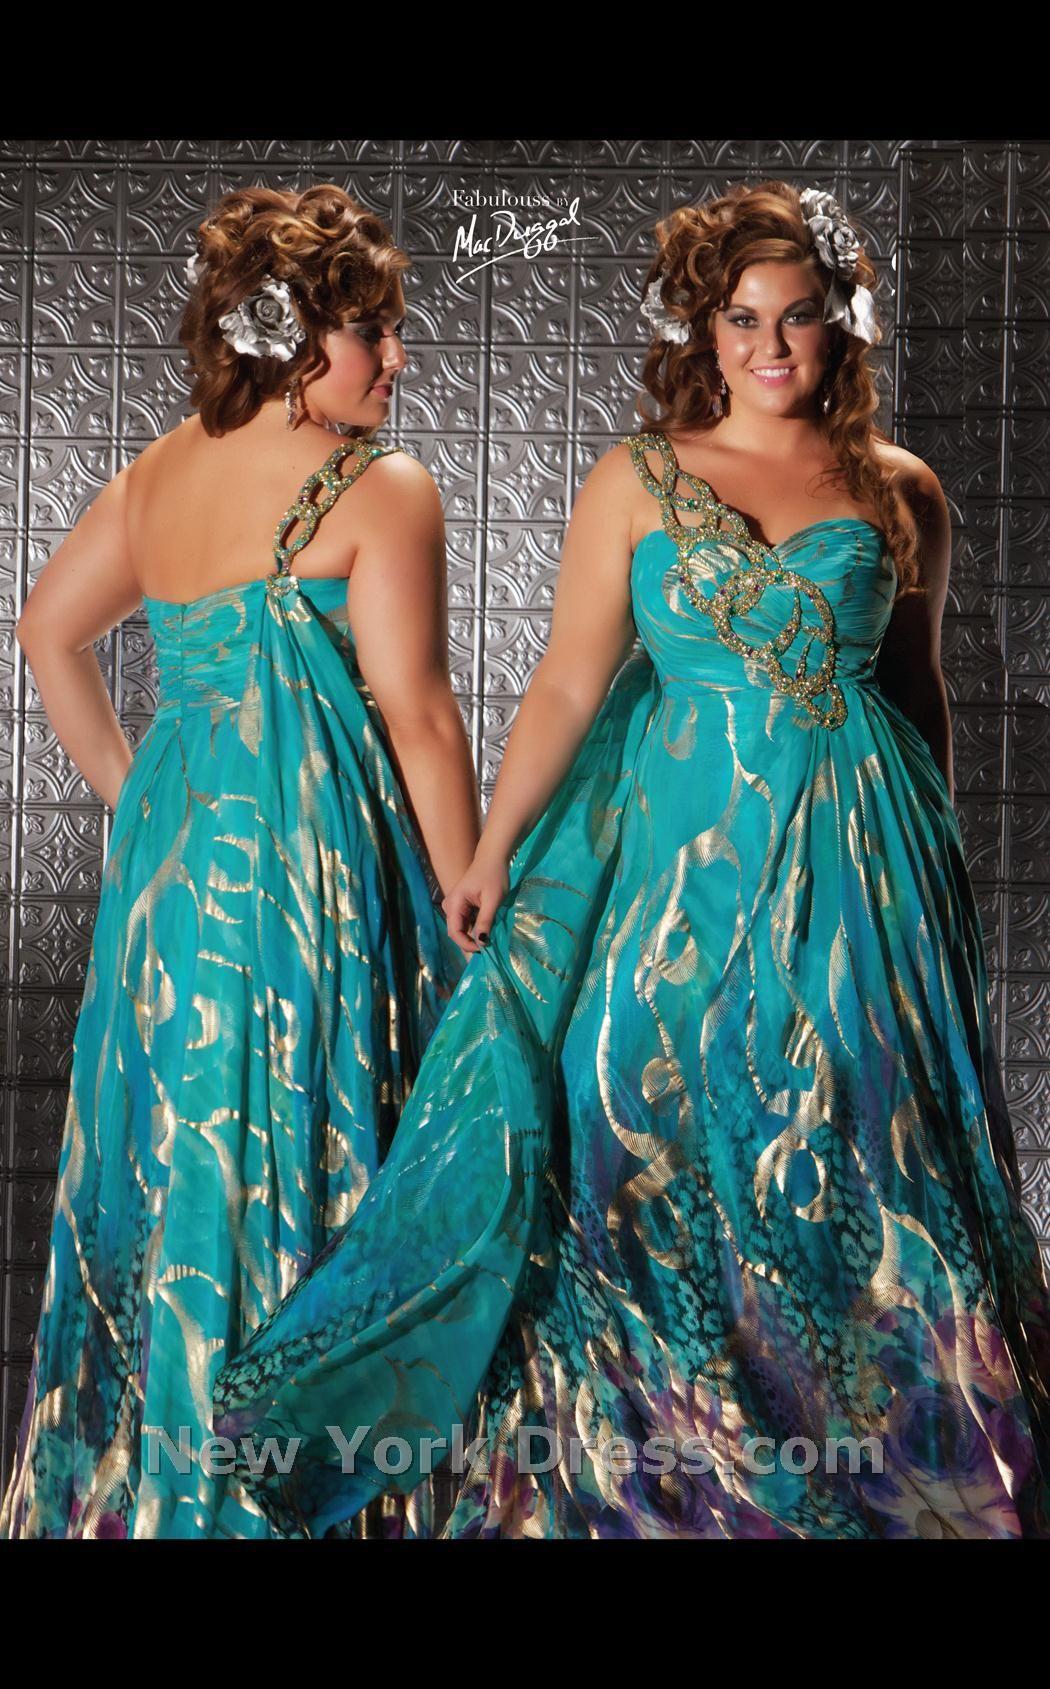 The bohemian Goddess in me   Beauty   Pinterest   Goddesses ...